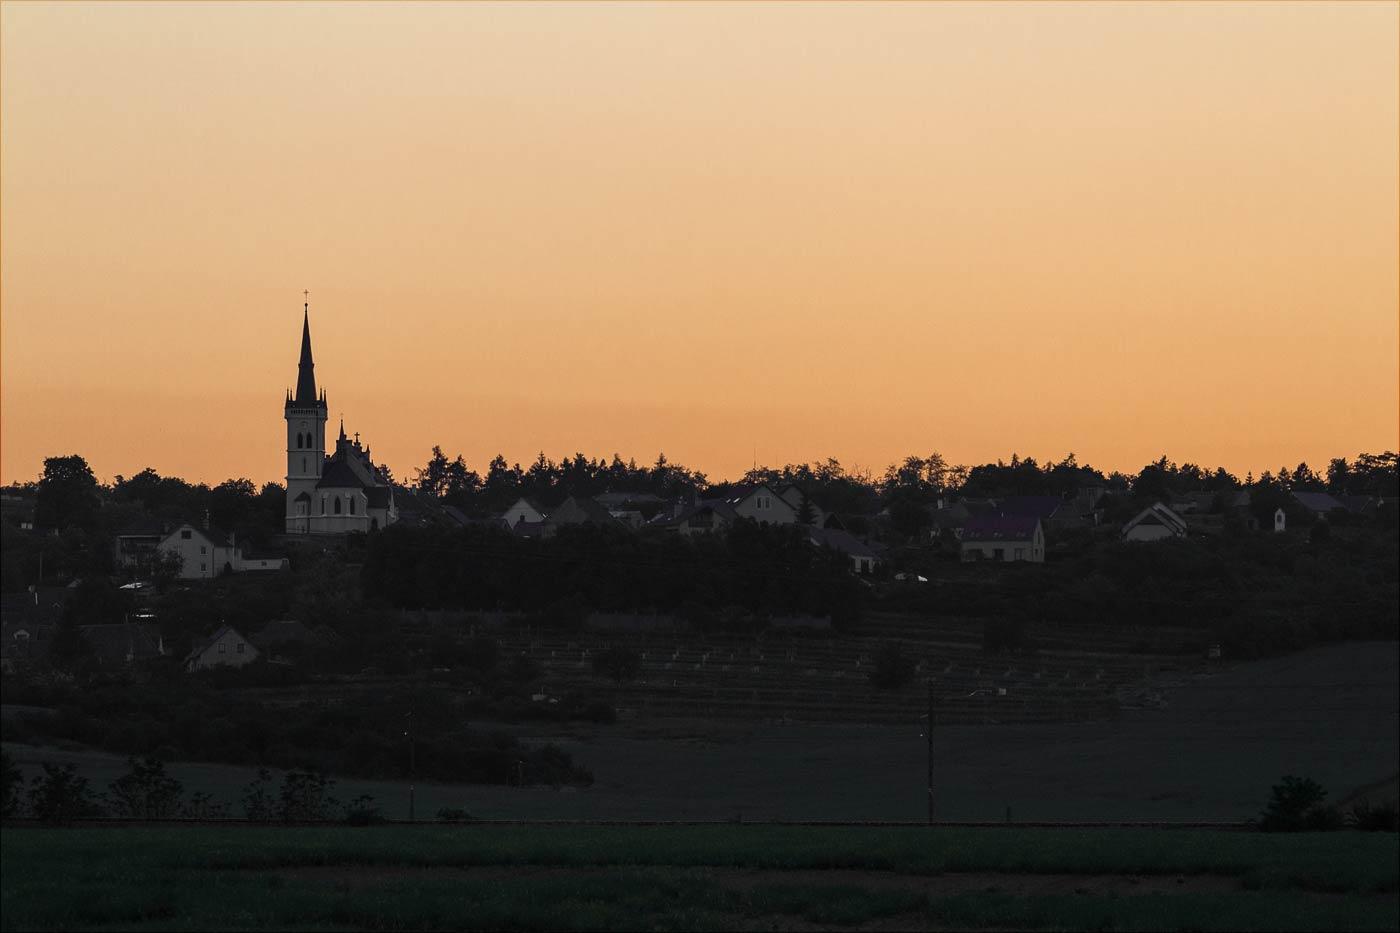 Теплый вечер в Южной Моравии